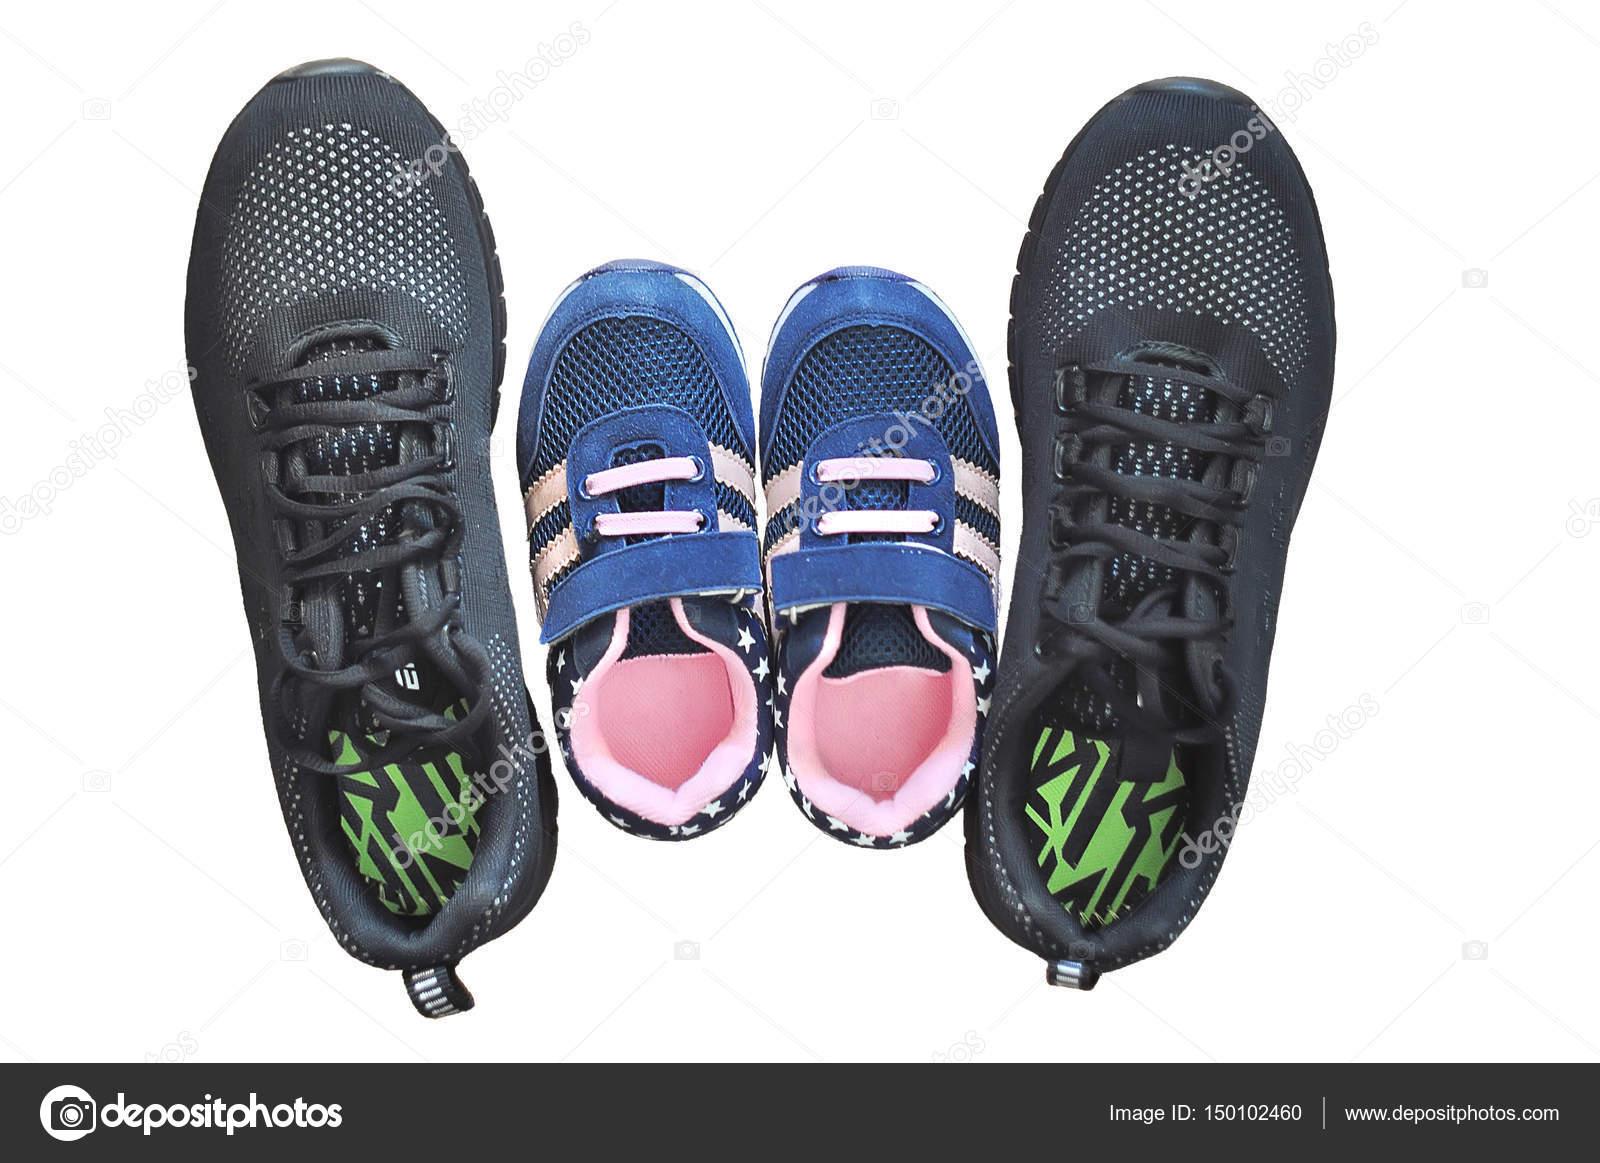 Et Paires 2 Chaussures Baskets Isolés Sur Fond Femmes De Enfants wX4PxS6